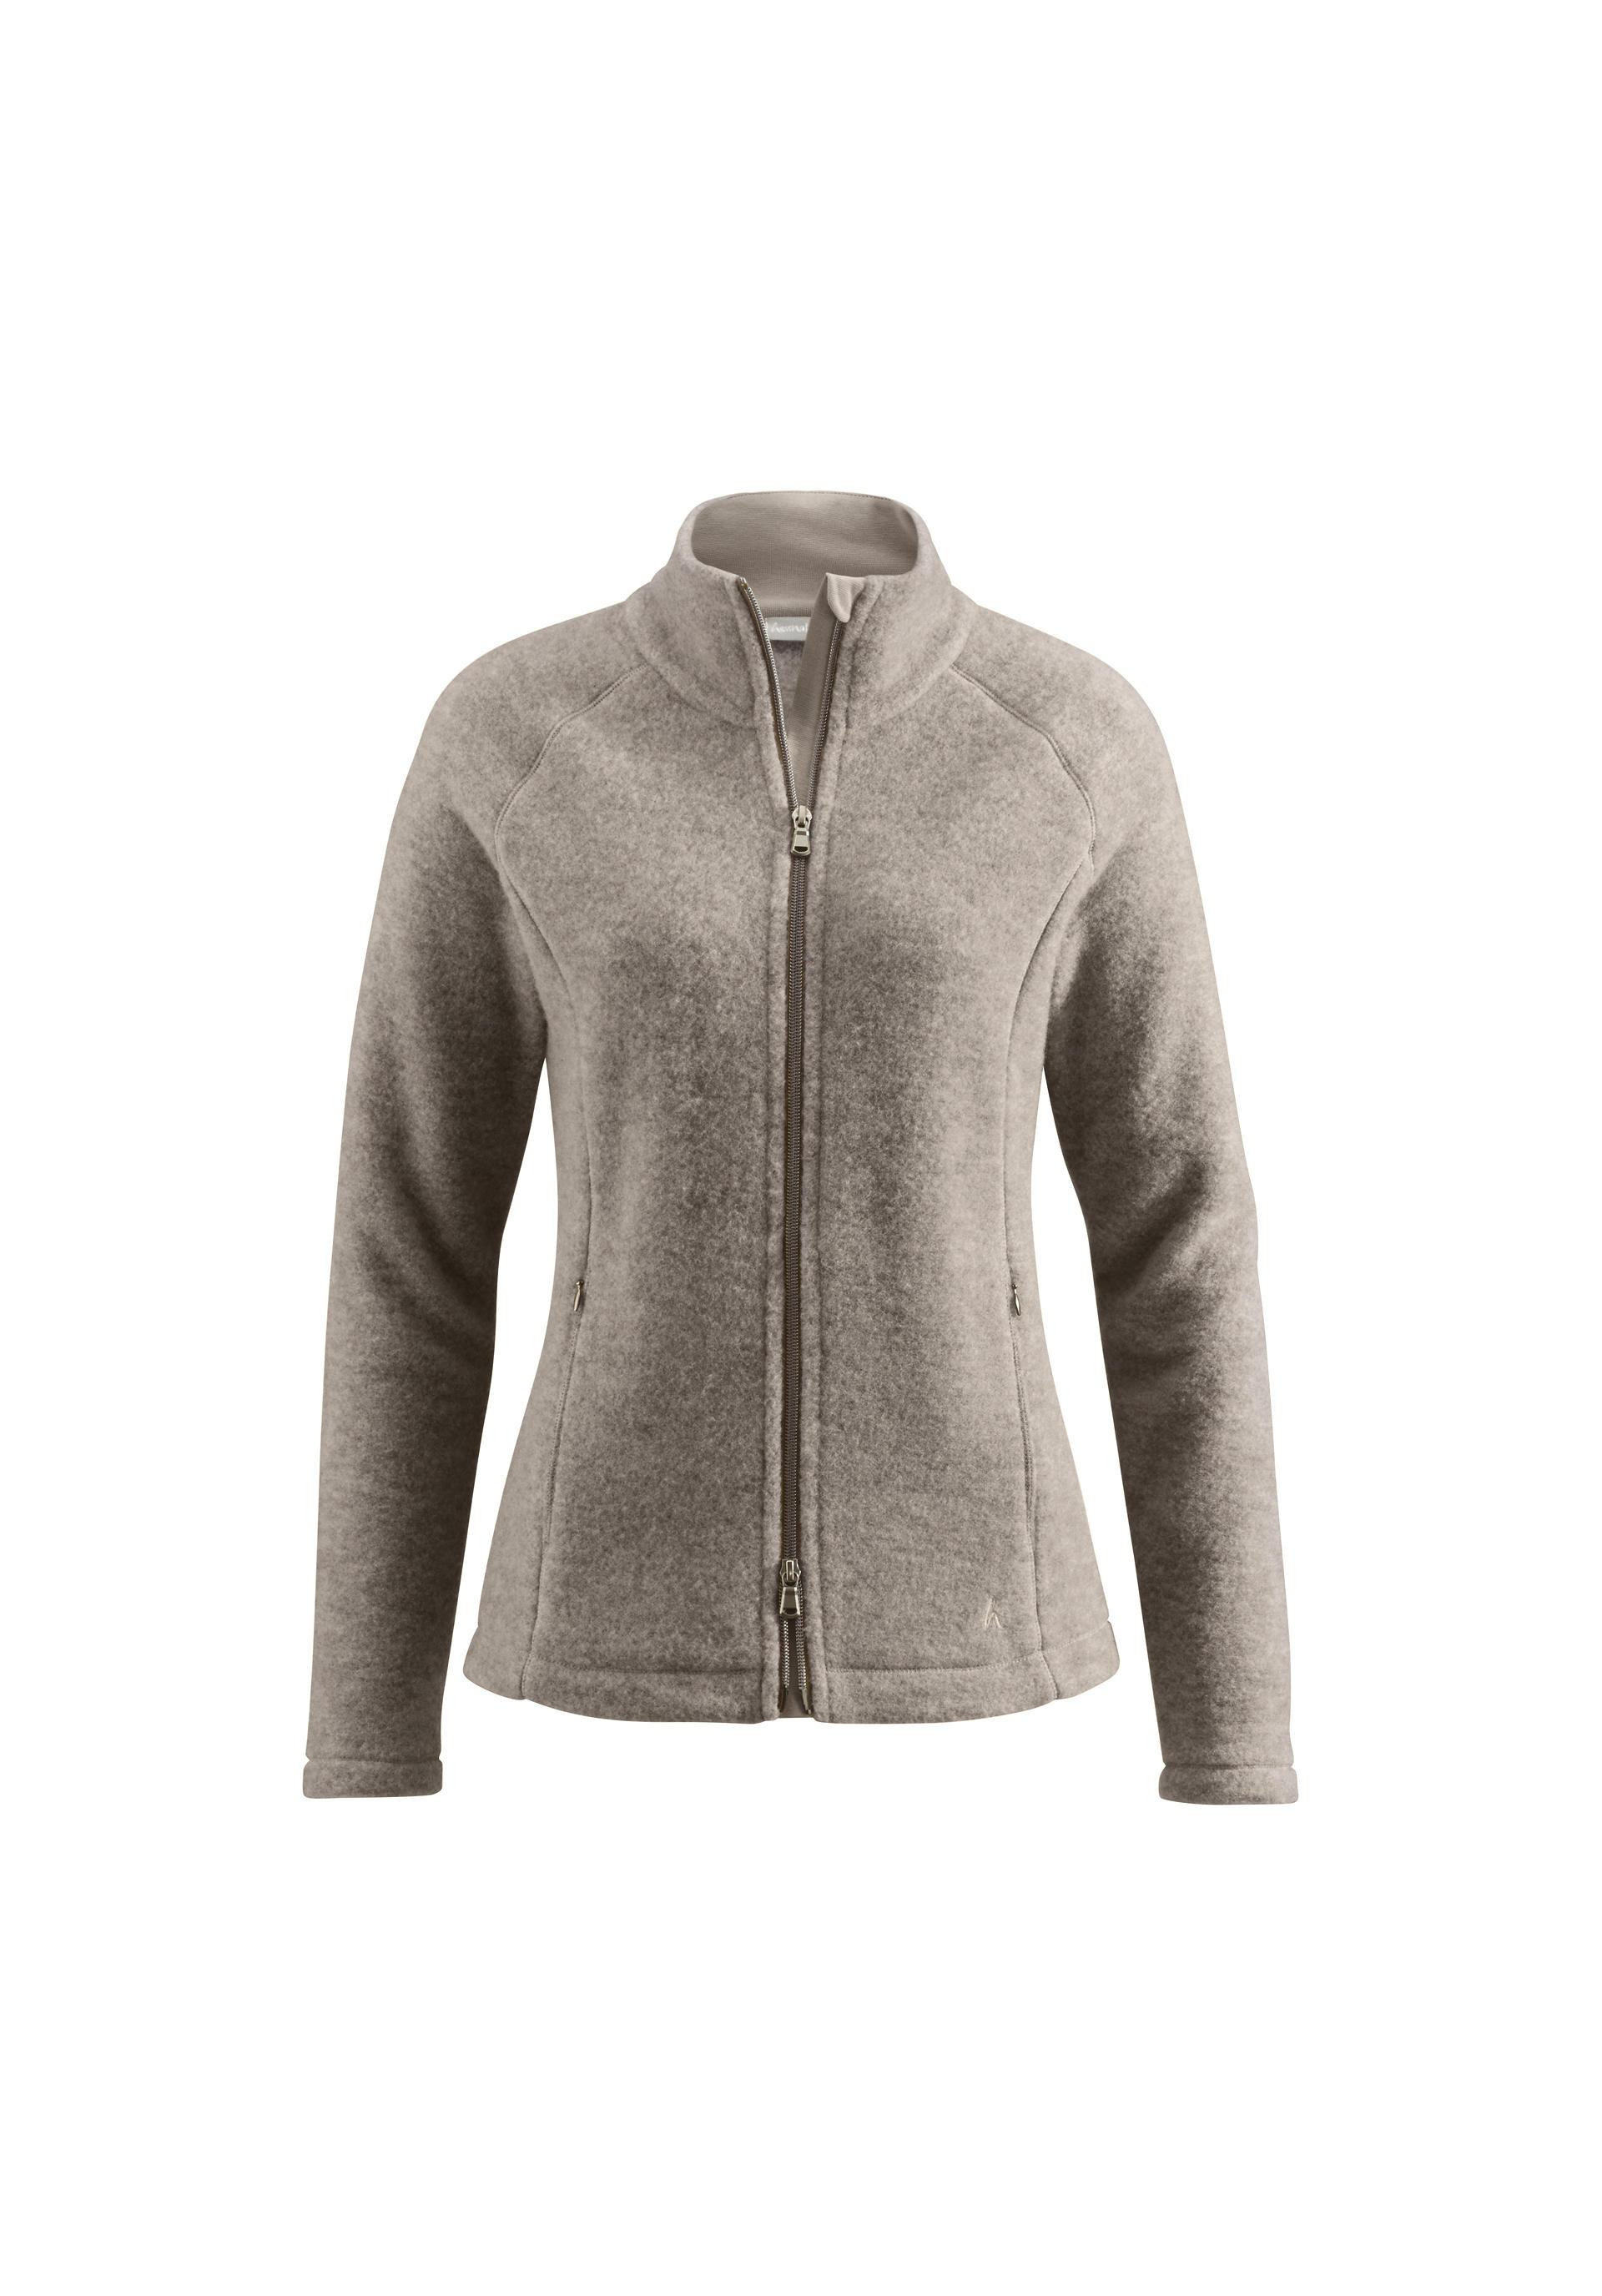 Damen Wollfleece Jacke aus reiner Schurwolle von hessnatur